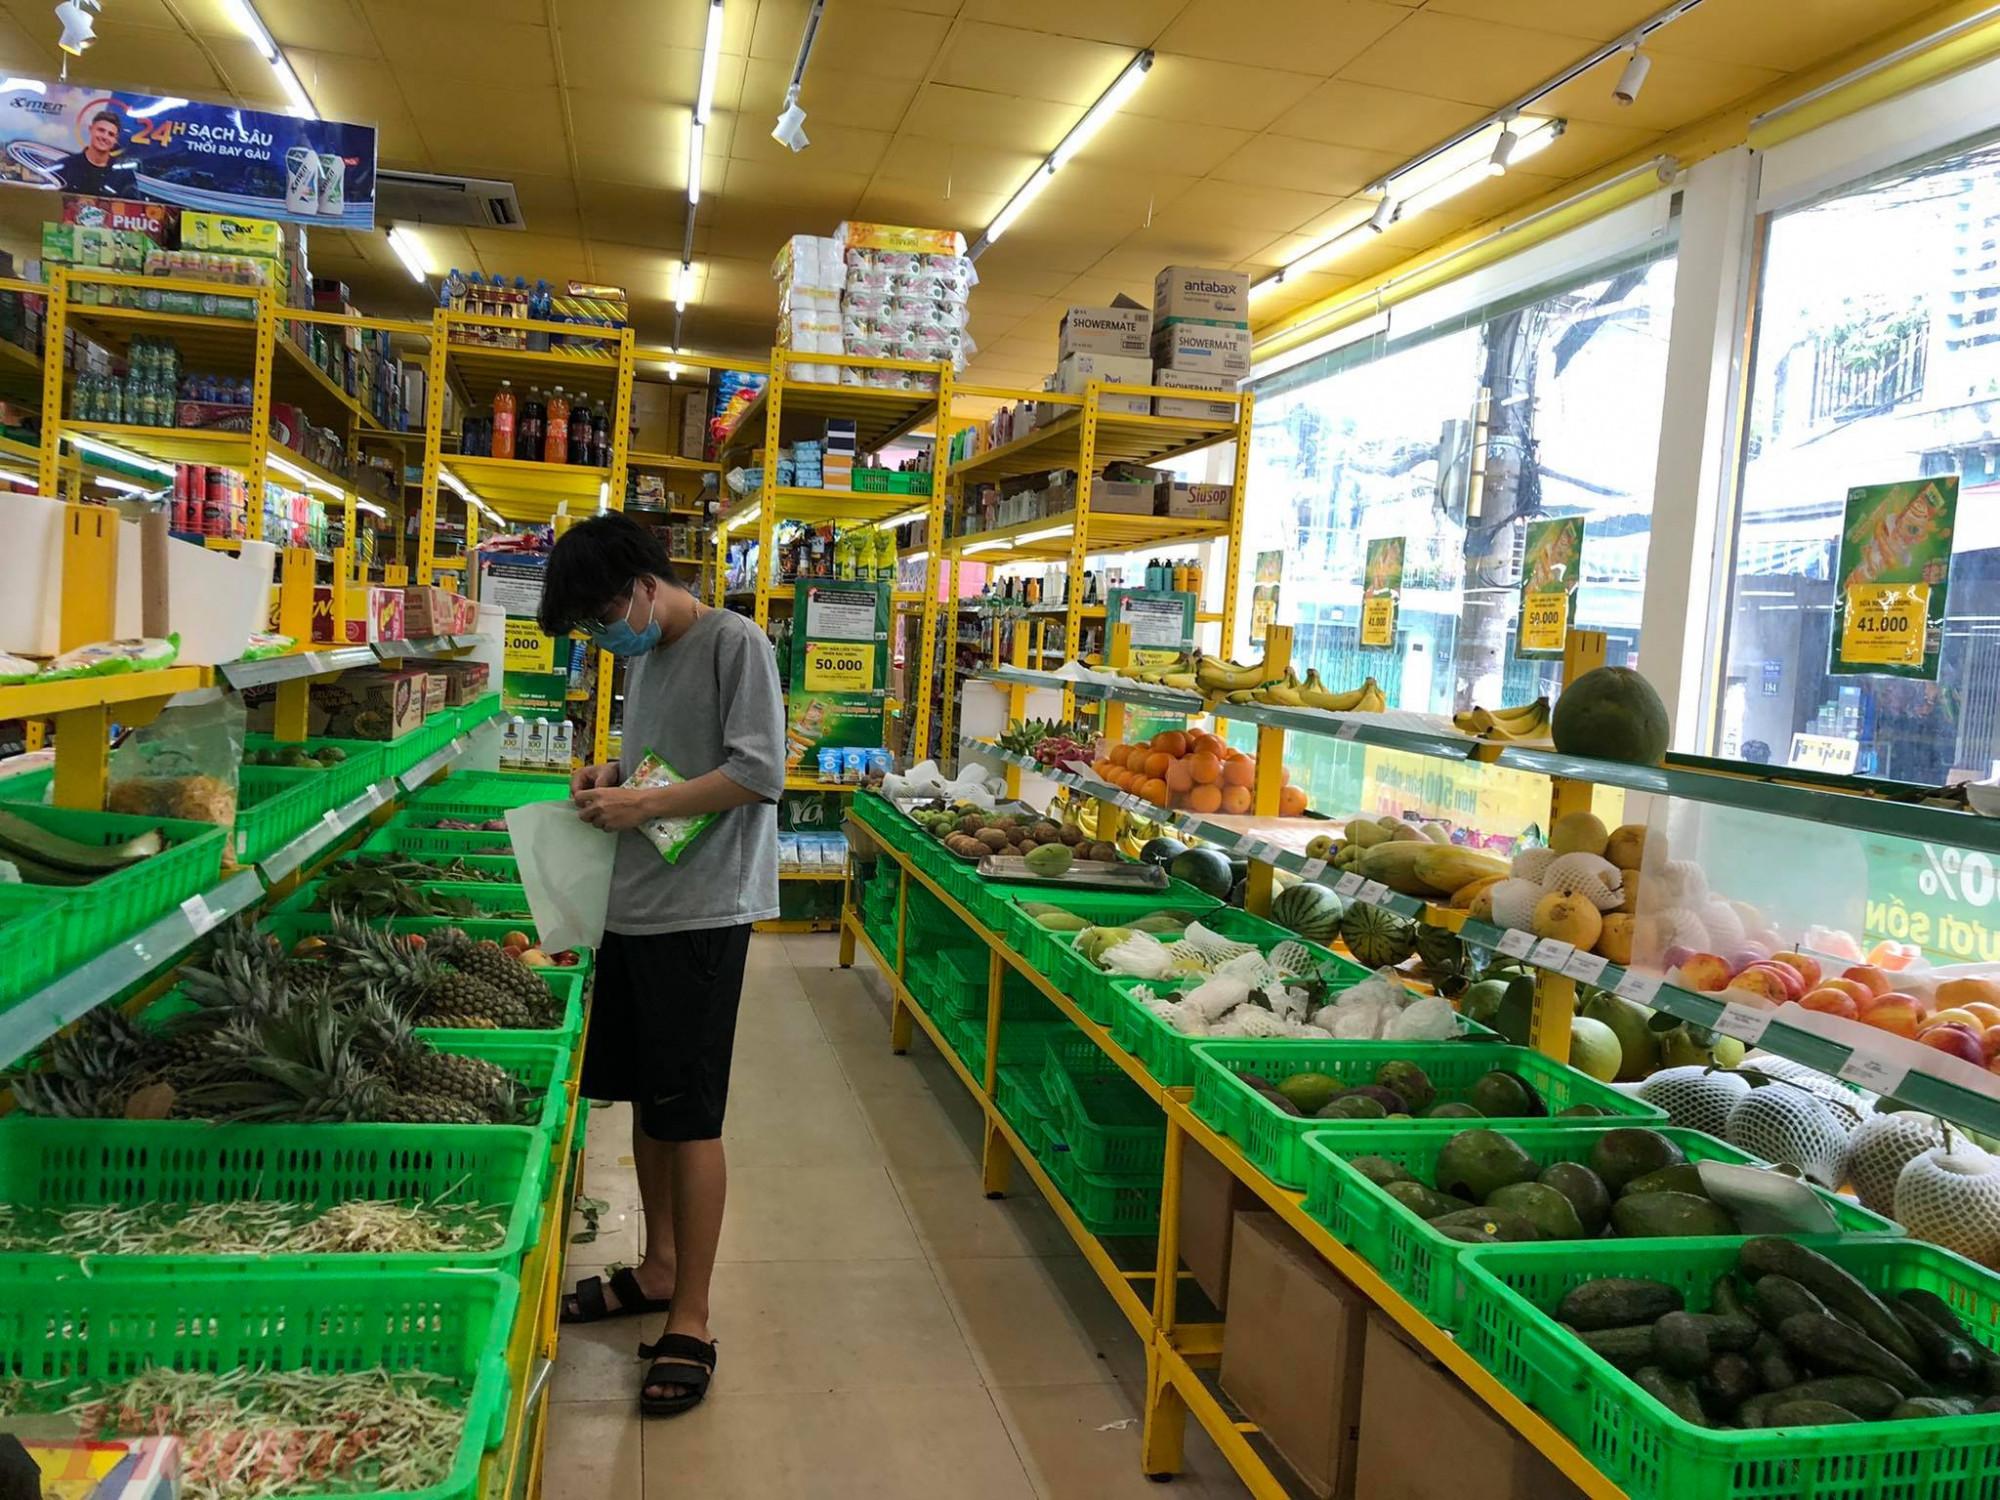 Rau quả, trái  cây  tại  Bách  Hoá  Xanh  (quận  Tân  Bình) vẫn  còn  khá  đầy  đủủ.